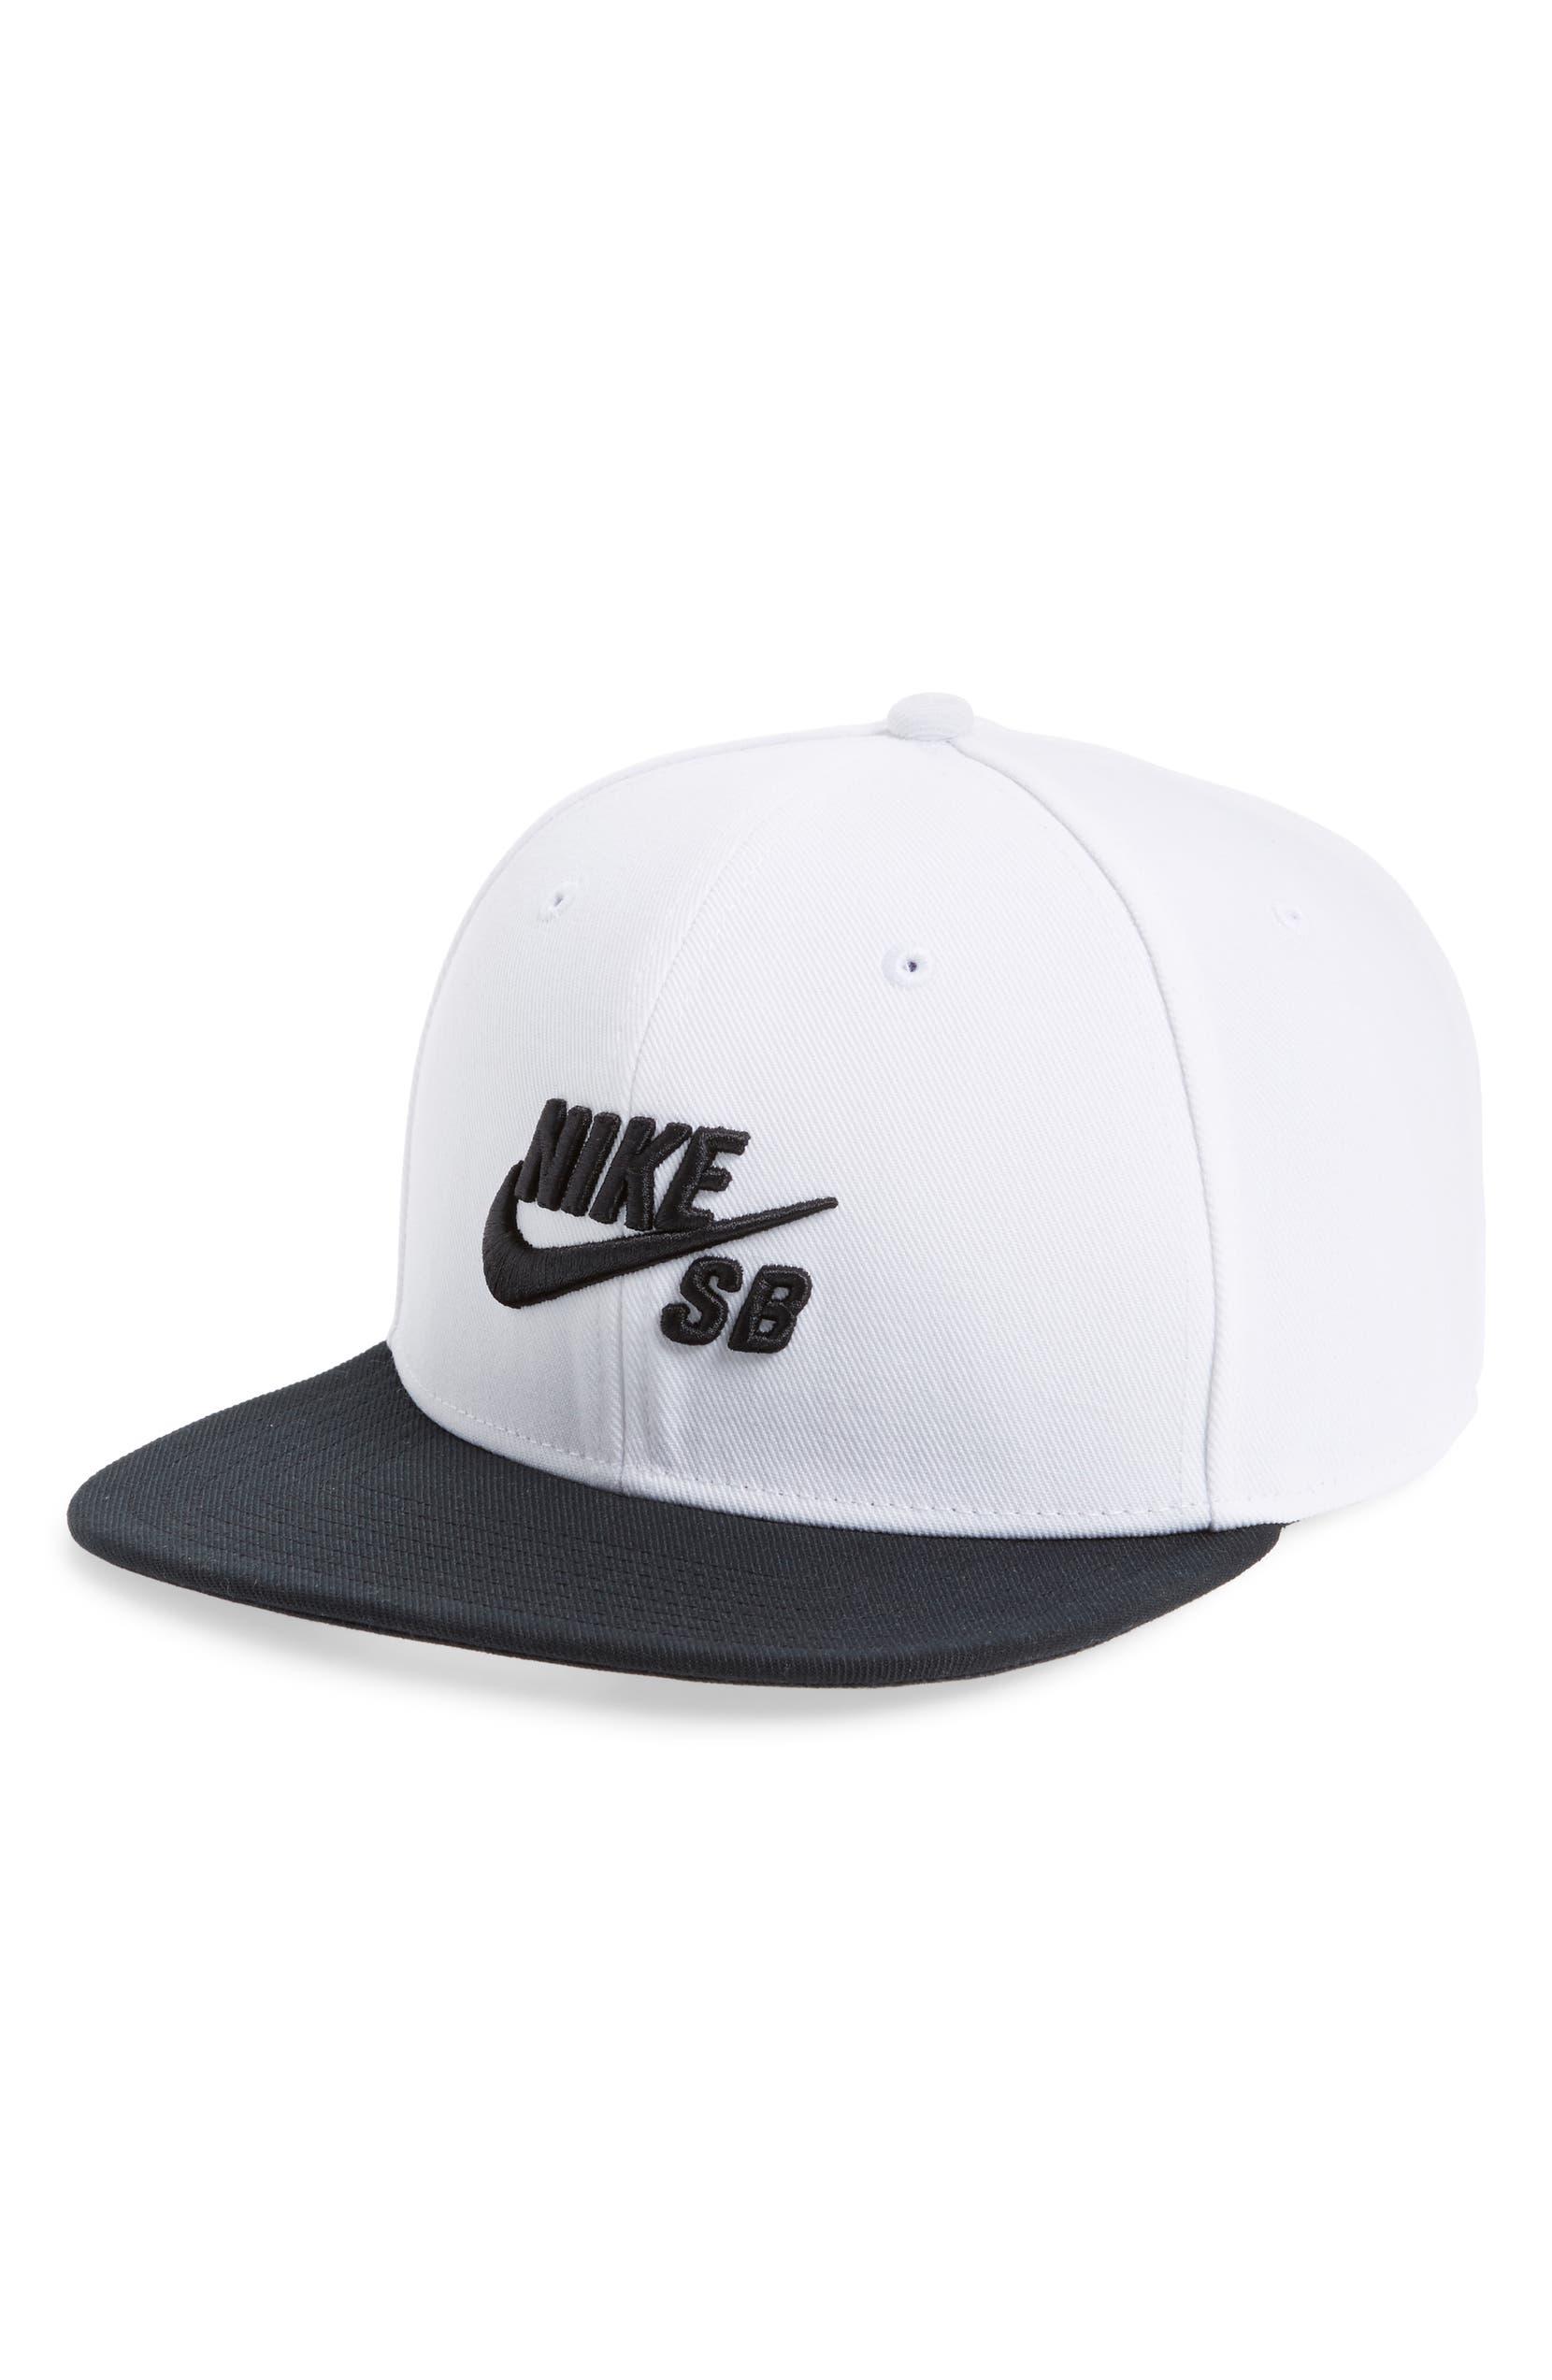 Nike Pro Snapback Baseball Cap  7182cc9e2c9